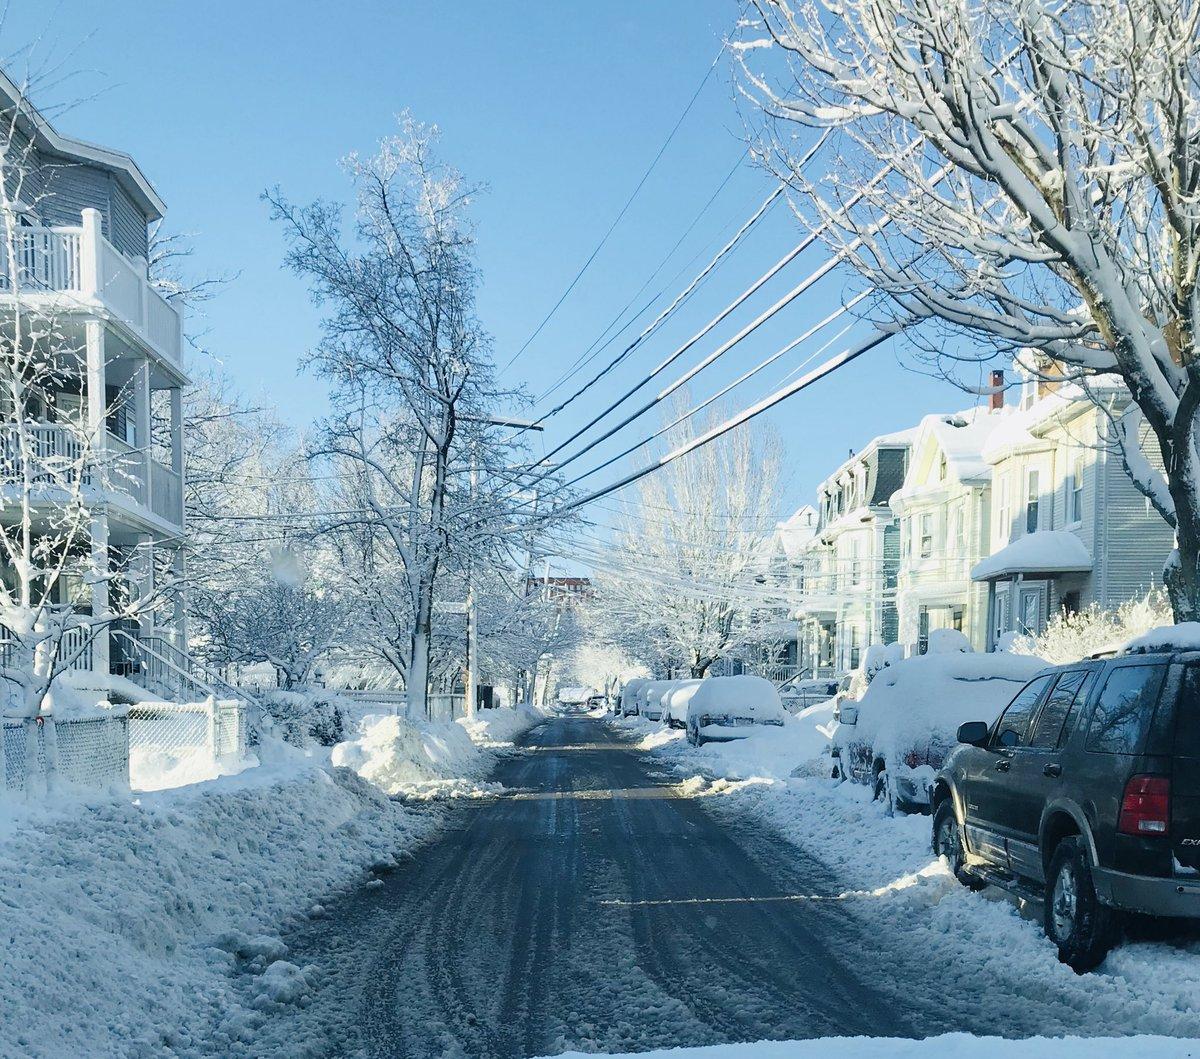 #blizzard